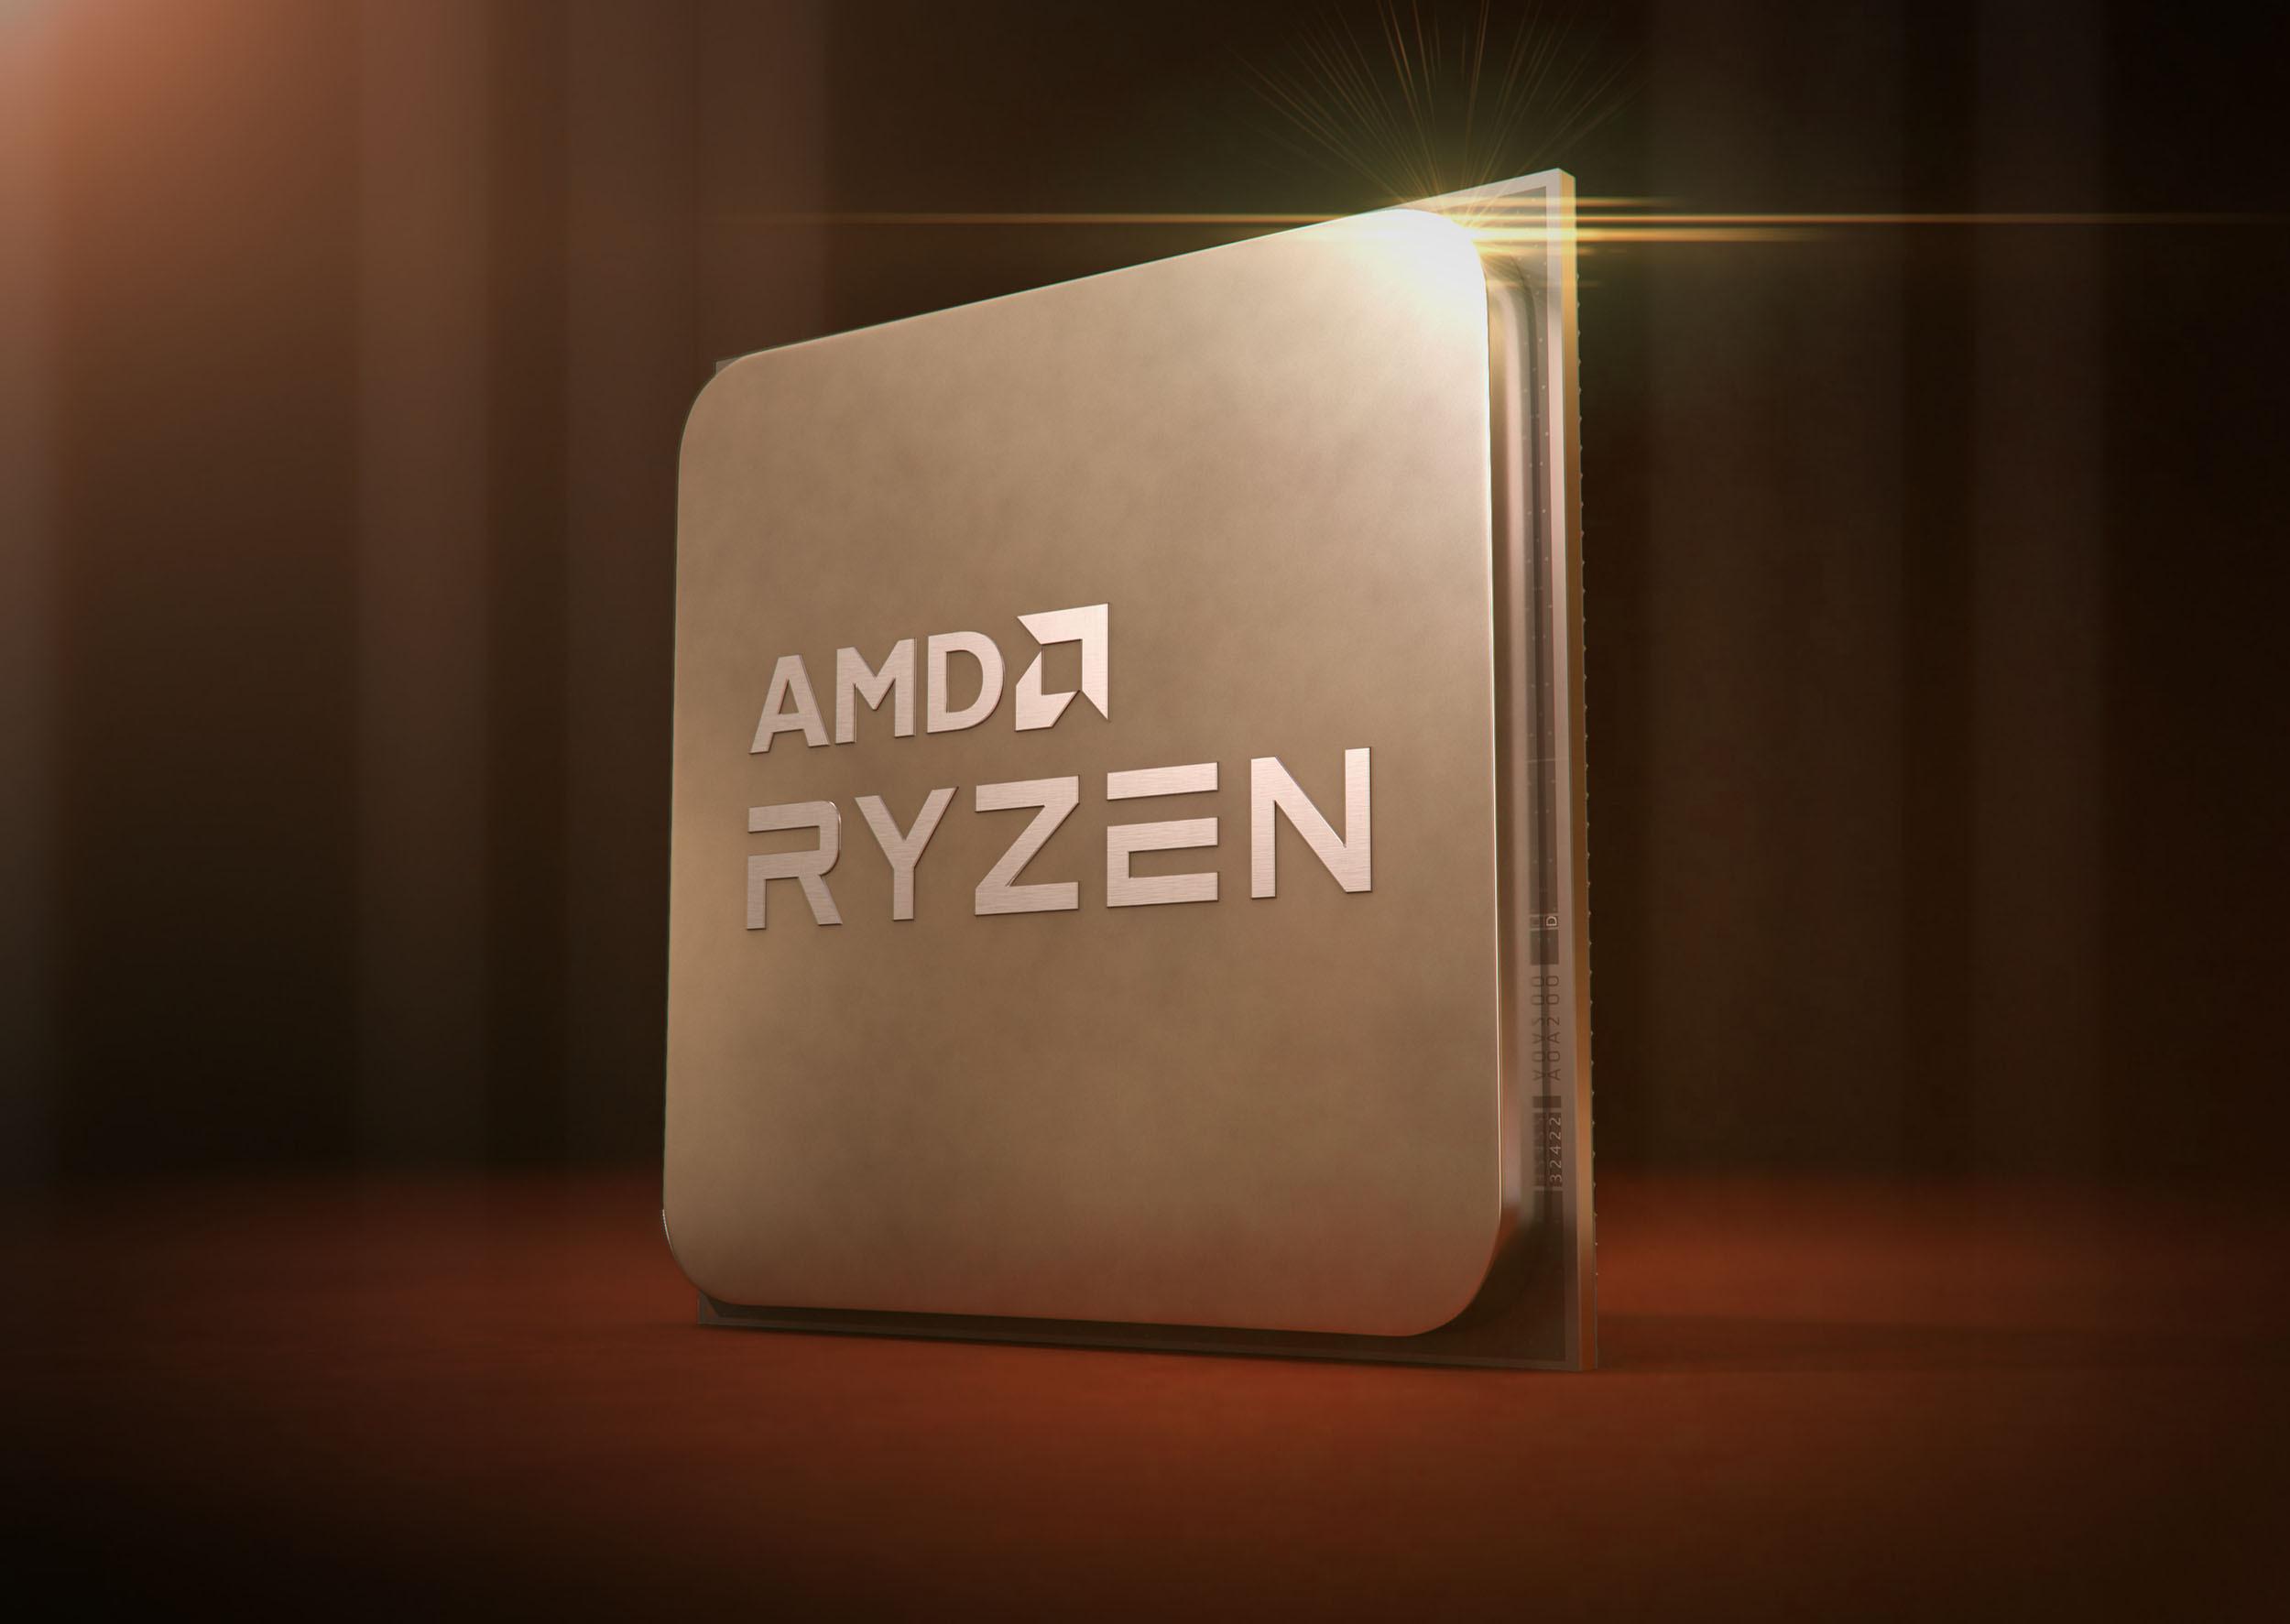 AMD посоветовала отключить потенциально опасную функцию в процессорах Ryzen